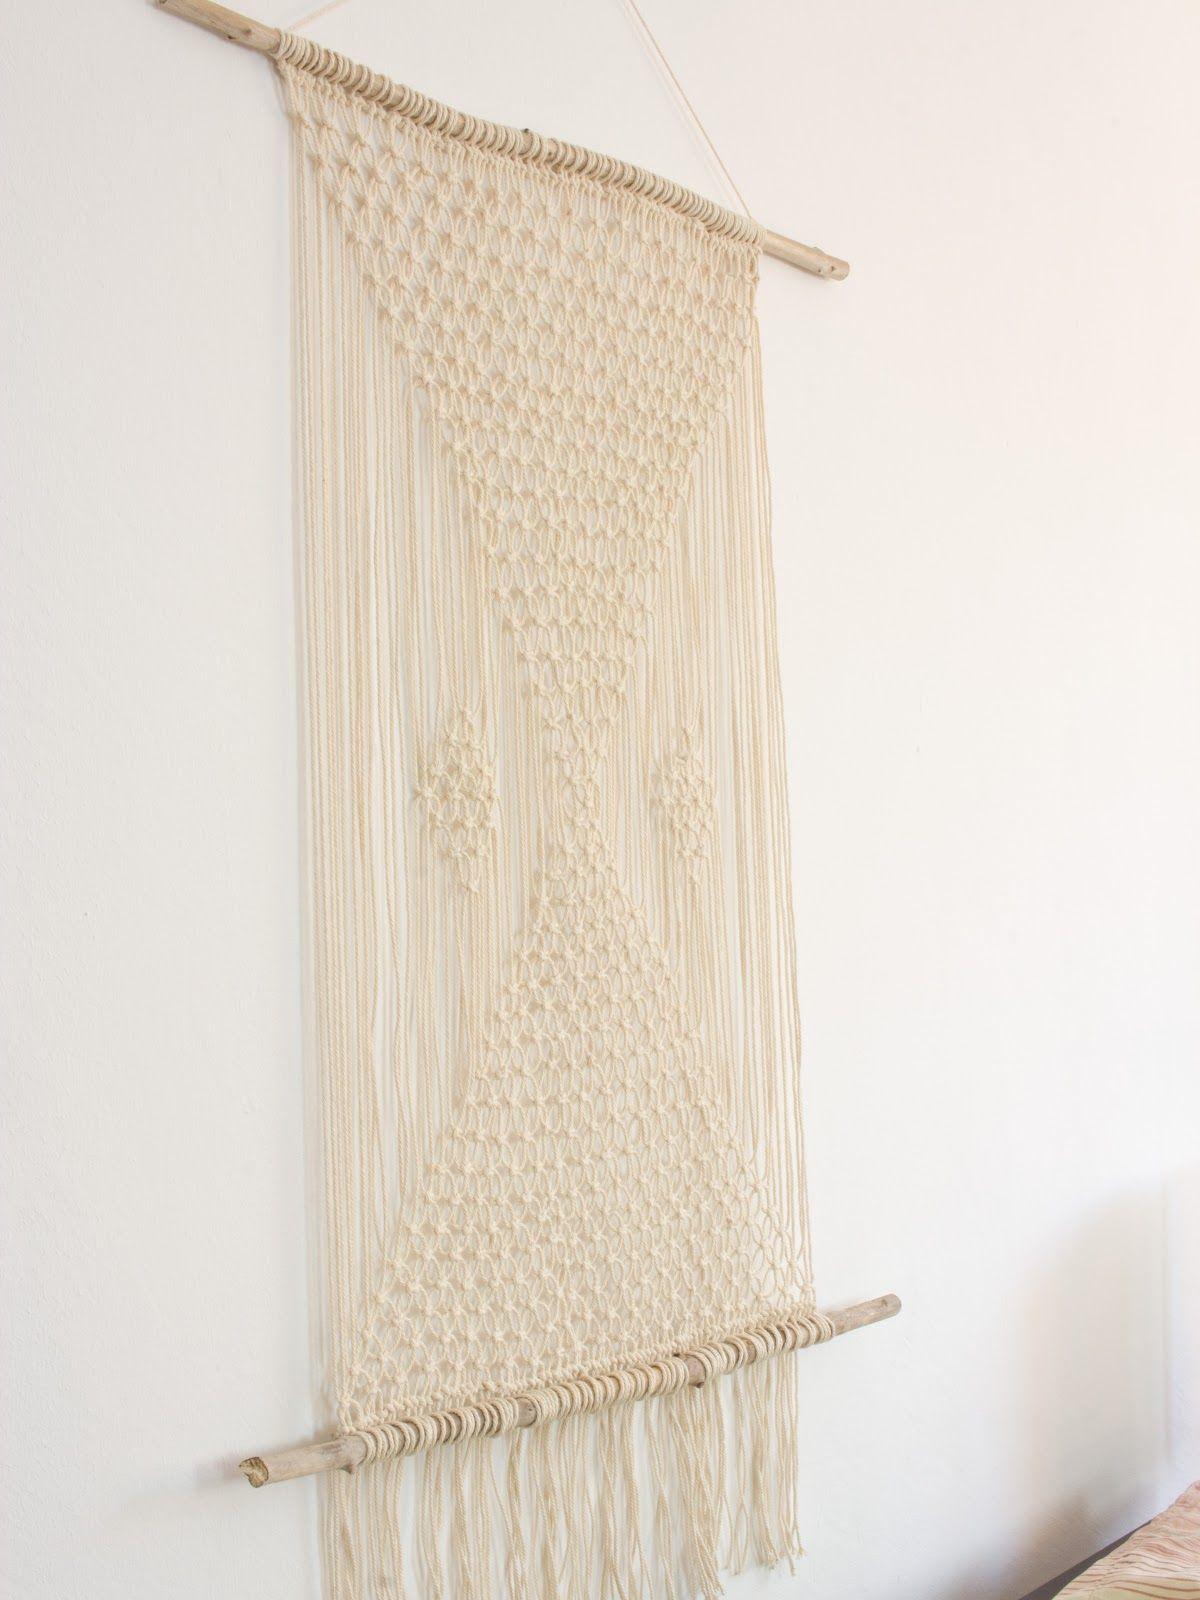 die besten 25 makramee anleitung wandbehang ideen auf pinterest makramee anleitung gardine. Black Bedroom Furniture Sets. Home Design Ideas